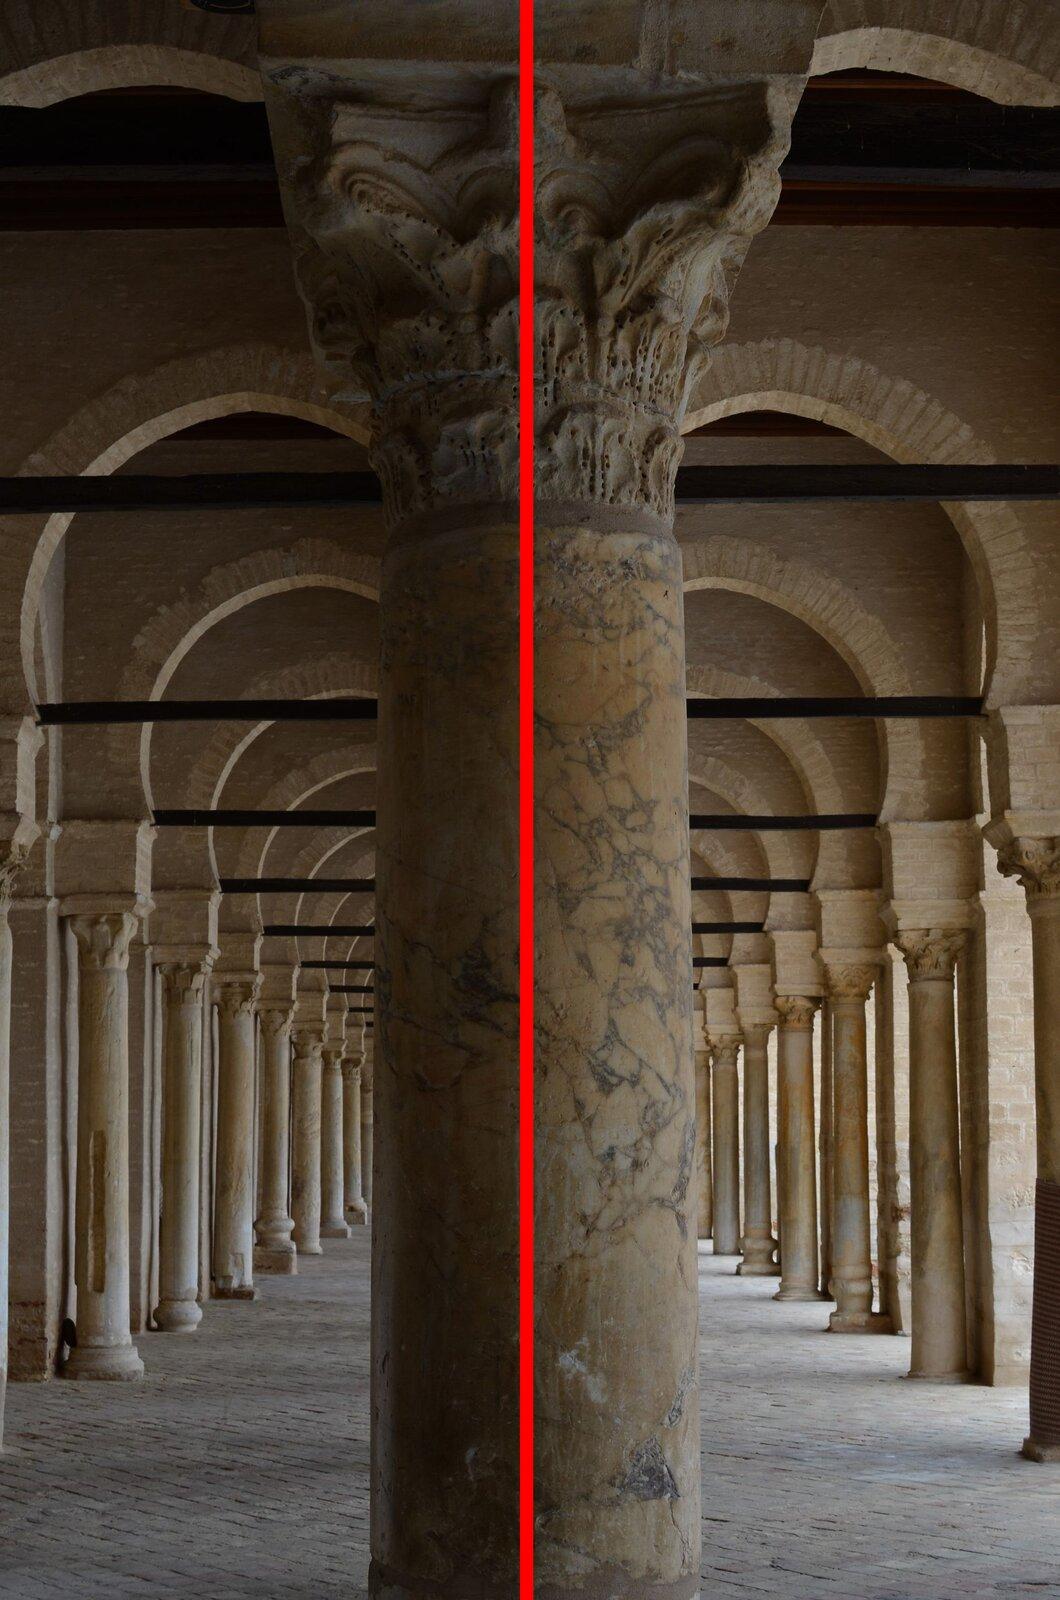 Zdjęcie kolumny wewnątrz budowli zpoprowadzoną osią symetrii.